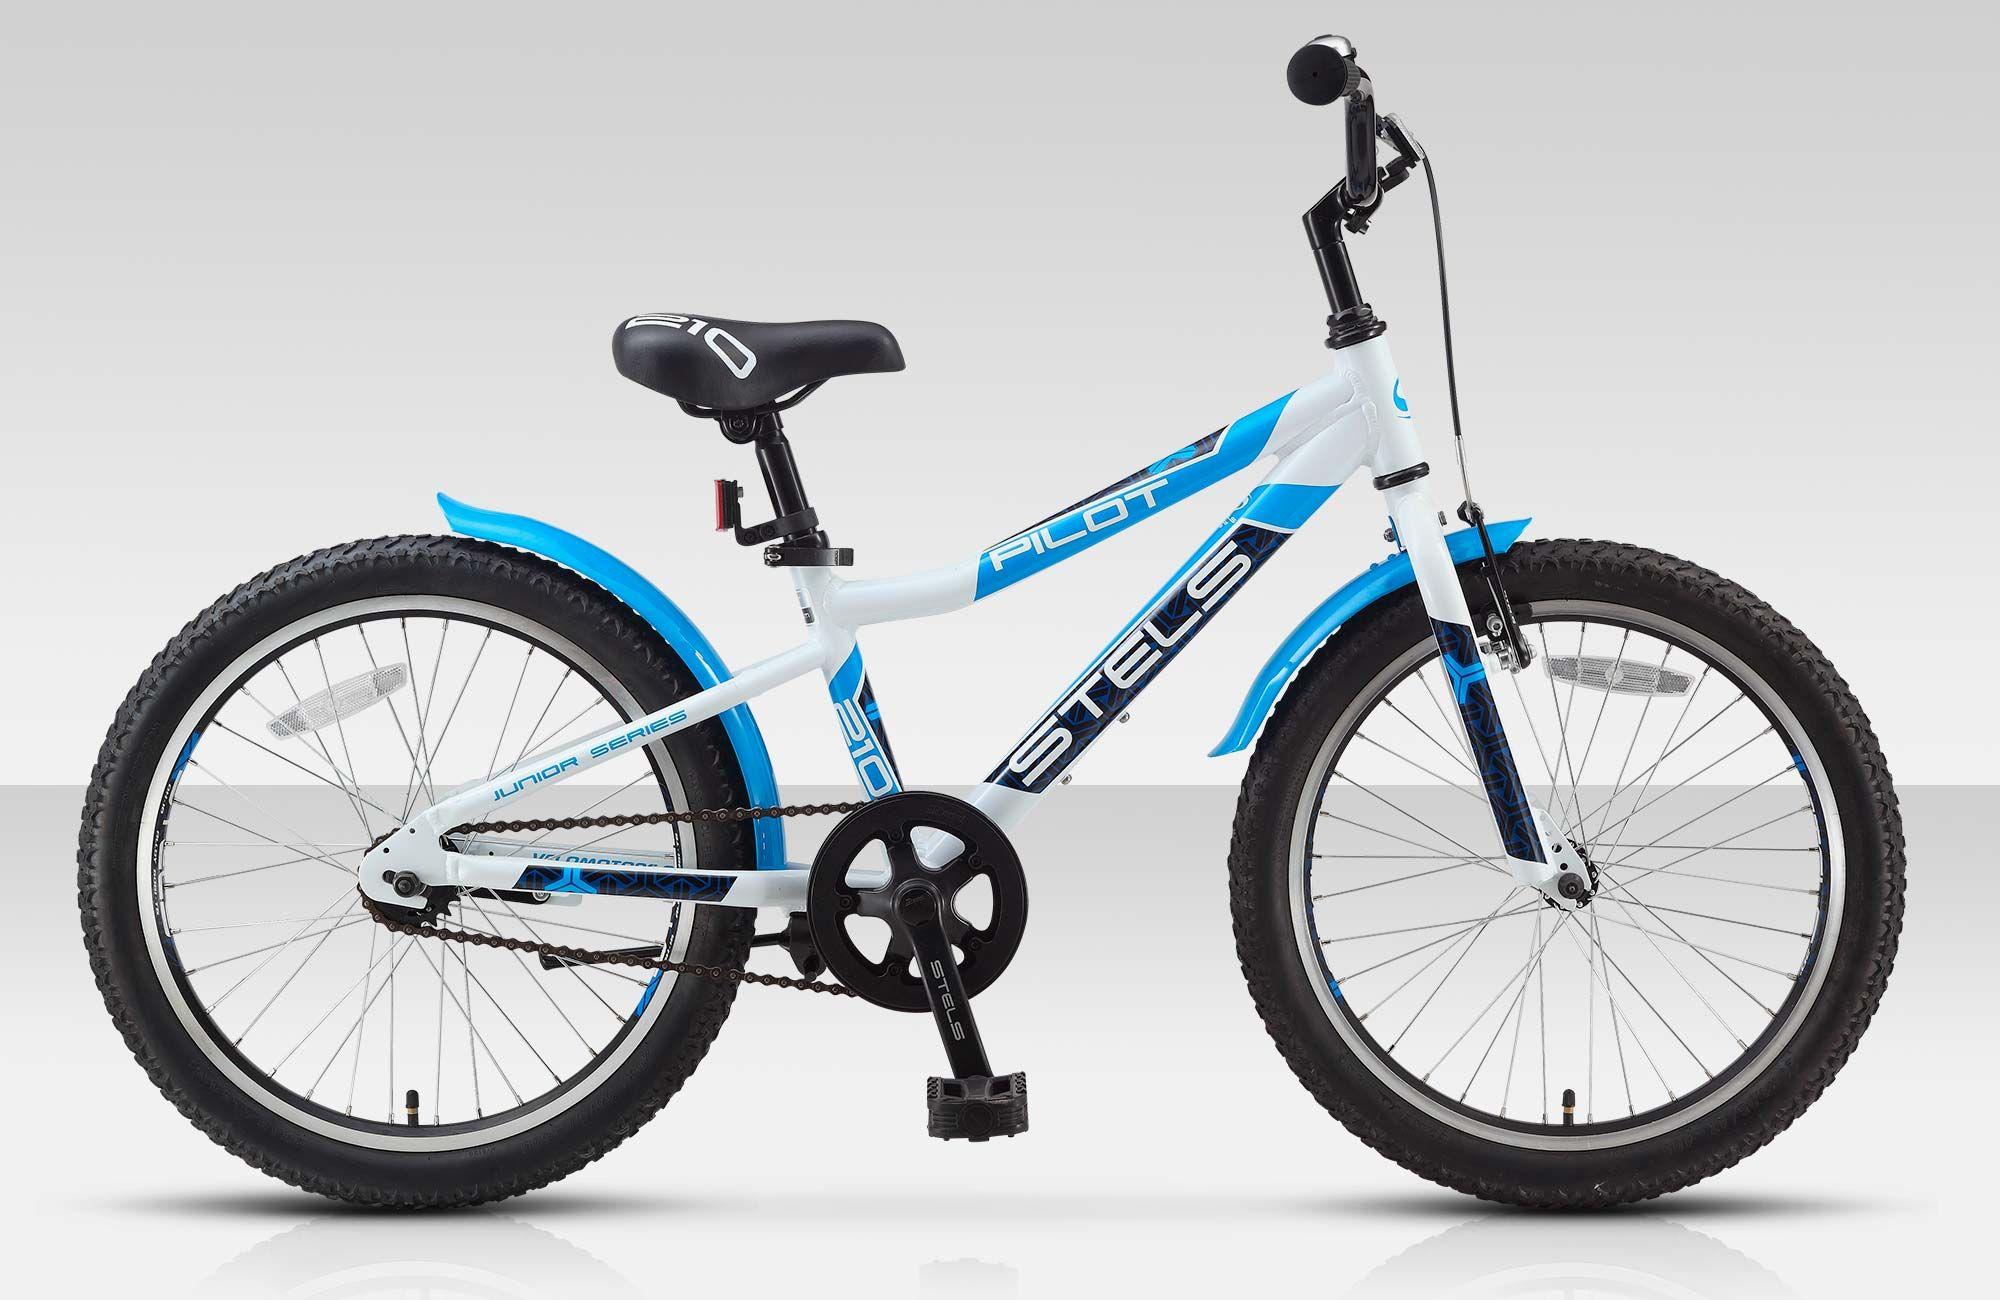 Велосипед StelsДетские<br>Яркий и прочный детский велосипед Stels Pilot 210 Boy. Благодаря универсальному дизайну и геометрии, модель Stels Pilot 210 Boy отлично подойдет активным мальчикам. Алюминиевая рама обеспечила велосипед малым весом при высокой прочности. Подножка поможет ребенку припарковать Stels Pilot 210 Boy в любом месте, где ему захочется, не бросая велосипед на землю. Крылья не дадут одежде ребенка промокнуть при катании по лужам и мокрым дорогам. Мягкая накладка на руле обеспечит дополнительную безопасность.<br><br>year: 2016<br>пол: мальчик<br>тип рамы: хардтейл<br>рулевая колонка: VP, сталь<br>передний тормоз: Power, V-типа<br>задний тормоз: Ножной<br>система: Prowheel, сталь, 36T<br>защита звёзд/цепи: Есть<br>каретка: VP, сталь<br>педали: Wellgo, пластик<br>ободья: Алюминиевые, двойные<br>передняя втулка: KT, сталь<br>задняя втулка: KT, сталь<br>передняя покрышка: ChapYang, 20 x 1.95<br>задняя покрышка: ChapYang, 20 x 1.95<br>седло: Cionlli<br>кассета: KT<br>крылья: Сталь<br>подножка: Есть<br>рама: Алюминий<br>цвет: красный<br>материал рамы: алюминий<br>тип тормозов: ножной<br>диаметр колеса: 20<br>количество скоростей: 1